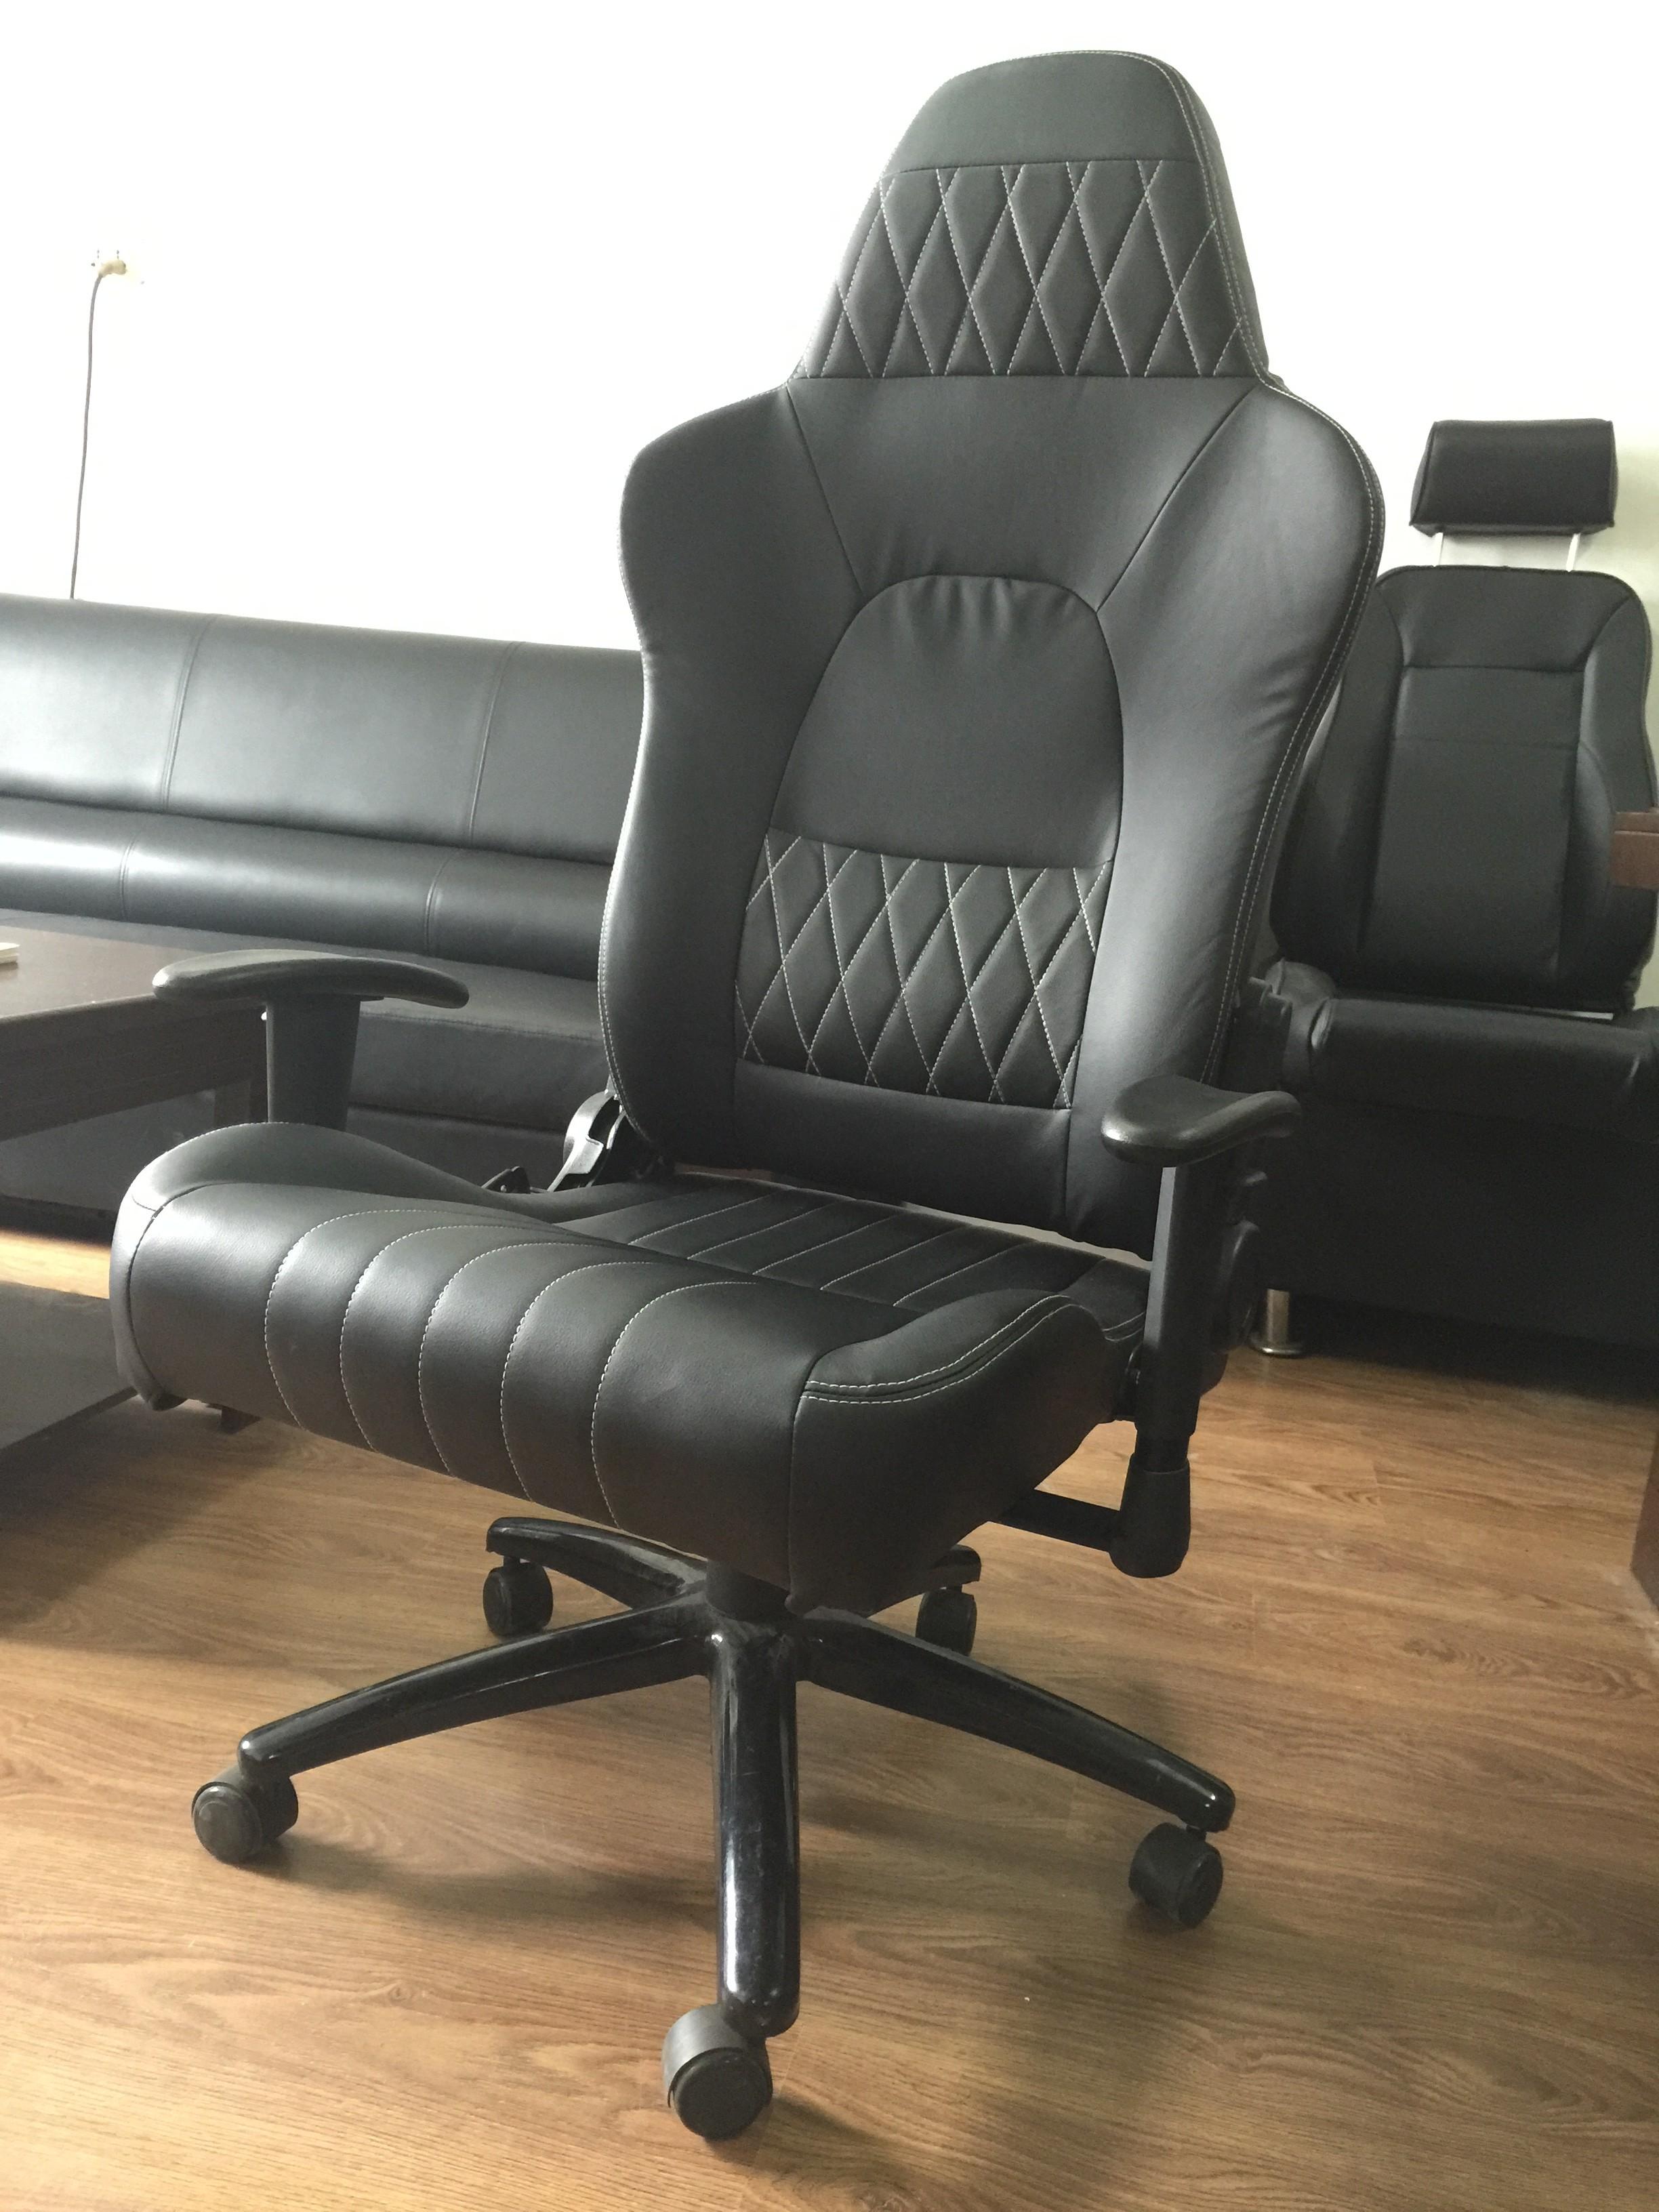 swivel chair in spanish horse saddle office moderner schwarzer ergonomischer schwenker büro stuhl mit